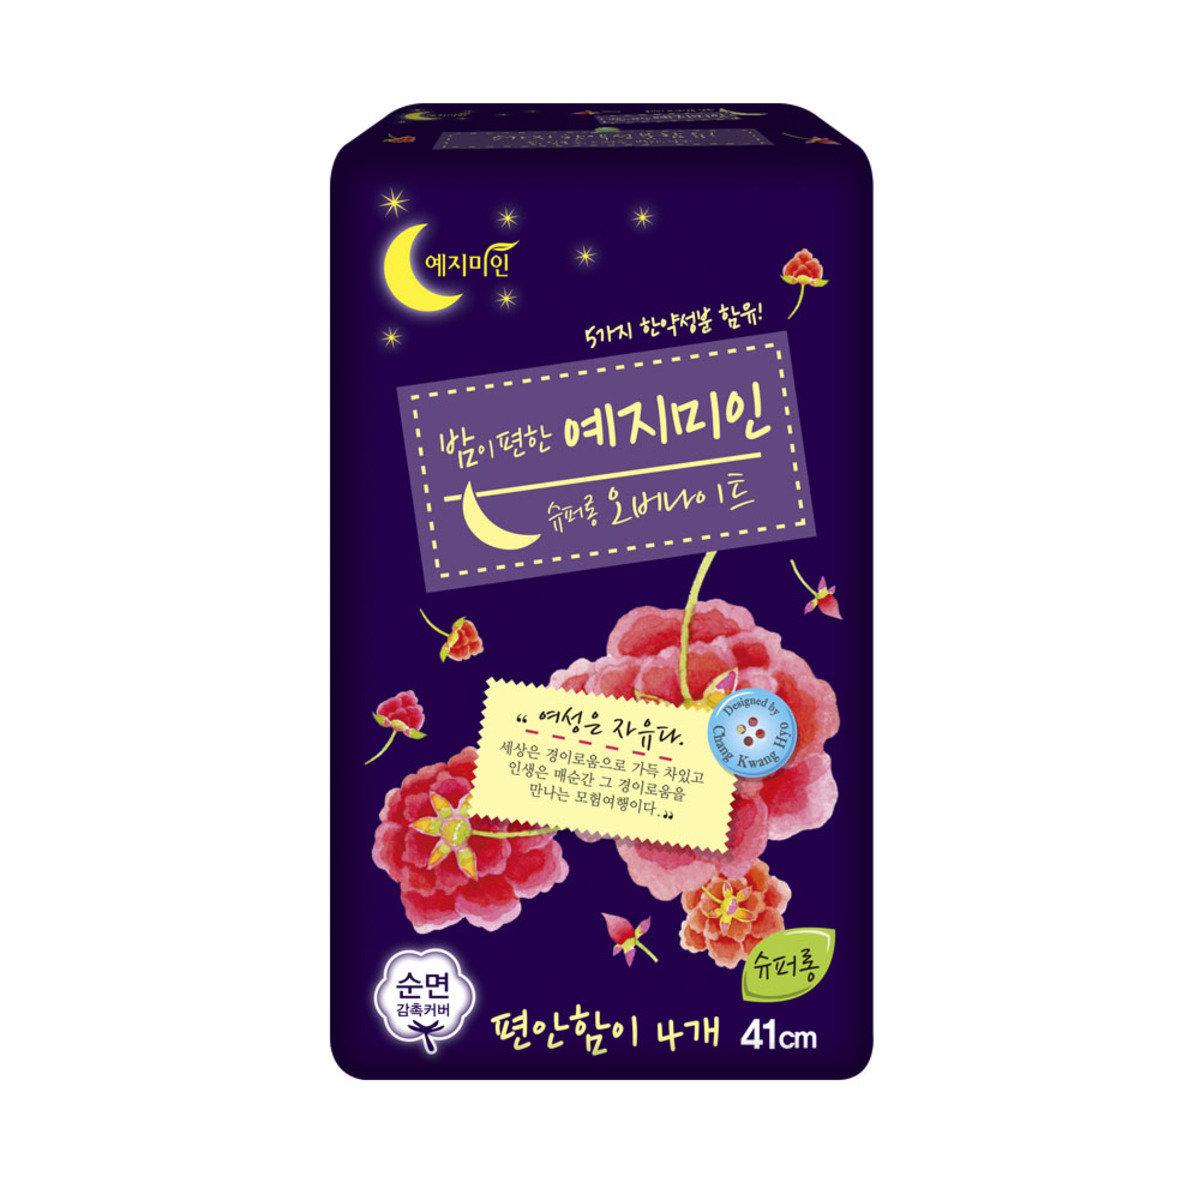 韓國漢方衛生巾 - 棉柔純香特長夜用 41CM 4片裝